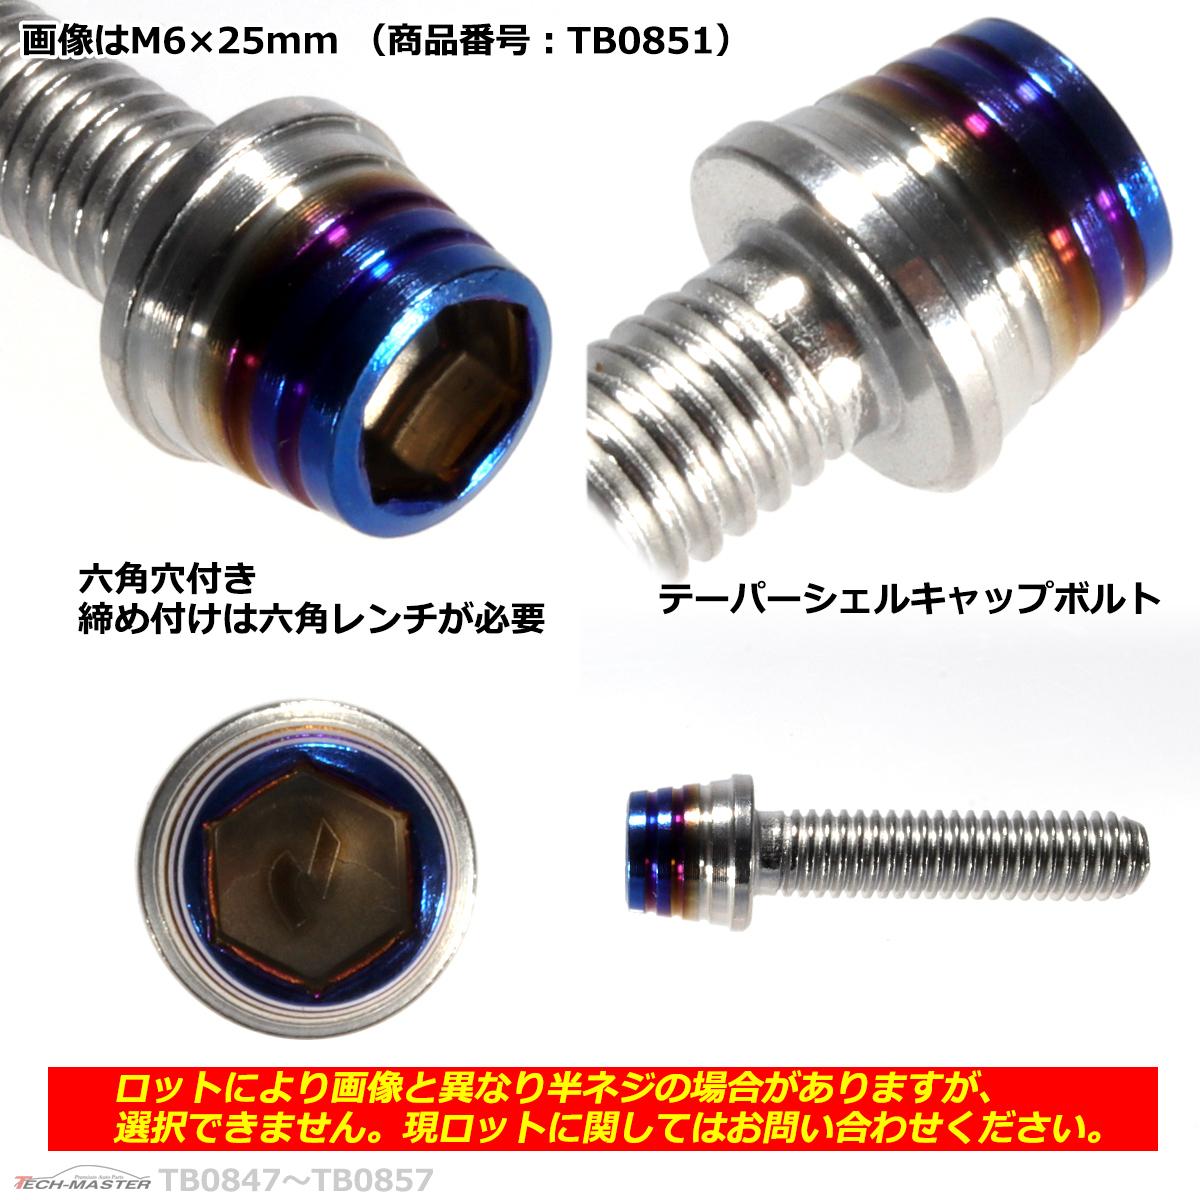 M6×20mm P1.0 テーパーシェル キャップボルト ステンレス 車/バイク/自転車 ドレスアップ パーツ シルバー&焼きチタンカラー 1個 TB0850_画像2